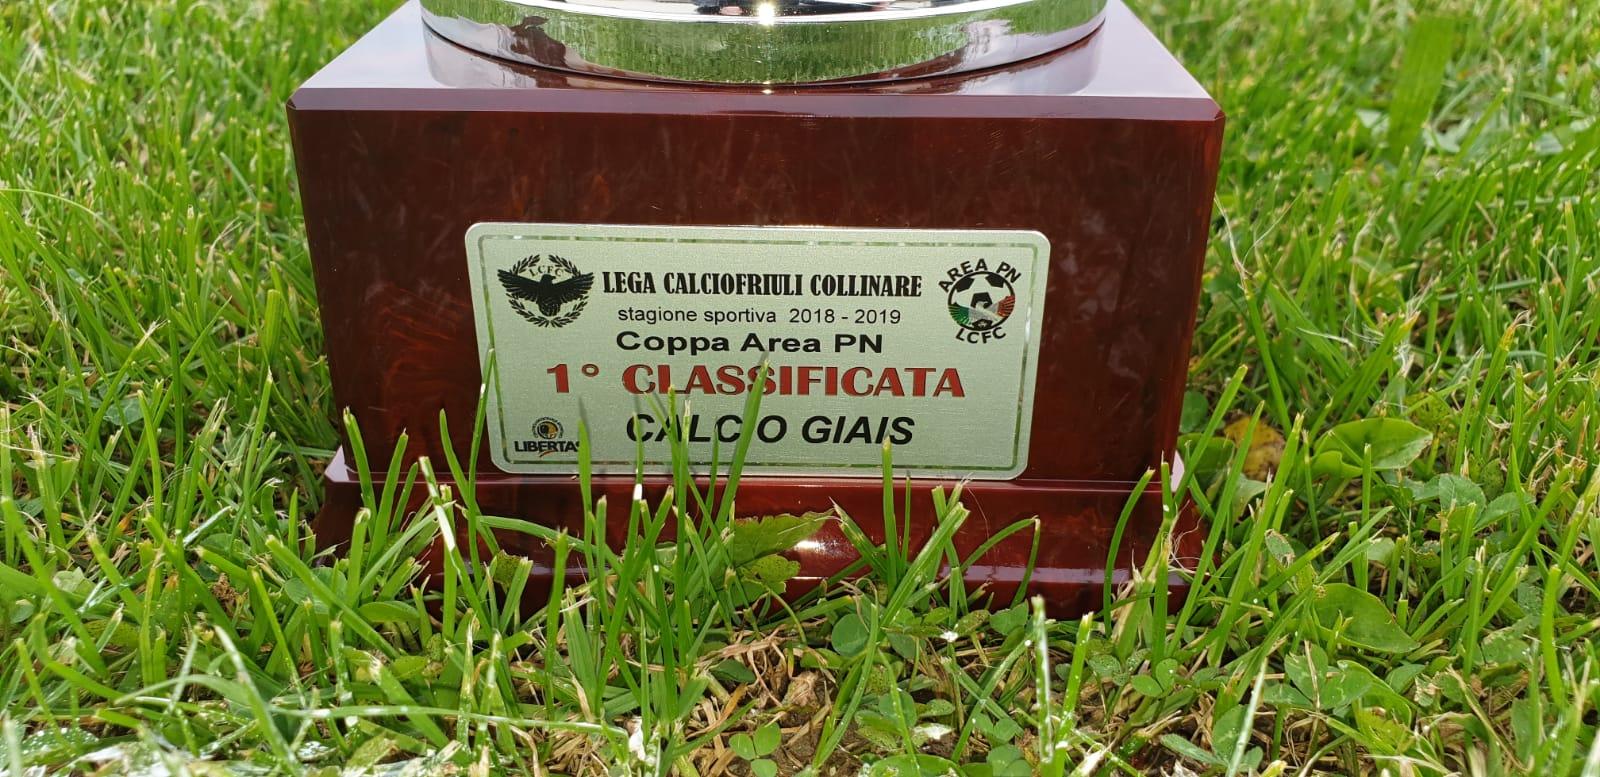 Coppa AreaPN. Trionfa il Calcio Giais